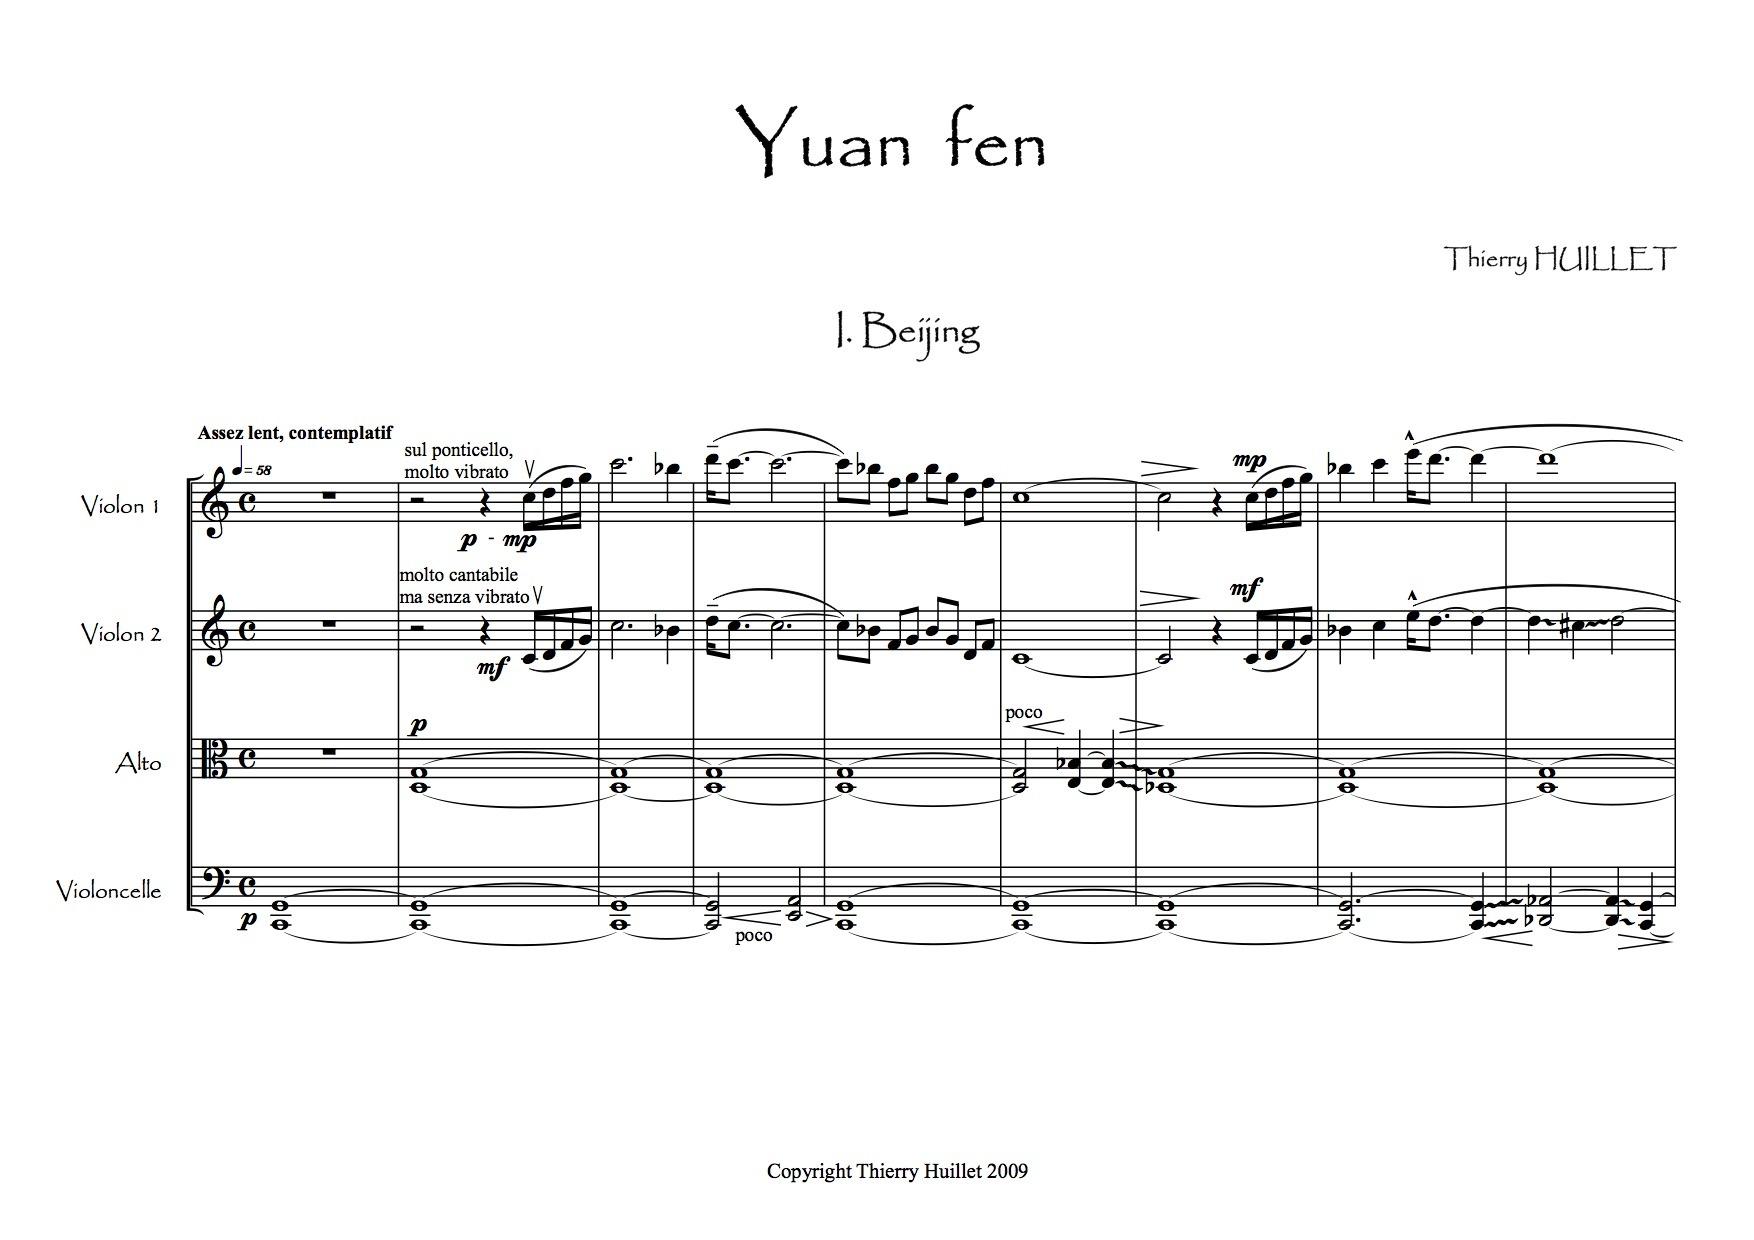 Thierryhuillet Yuanfen Scoreparts2